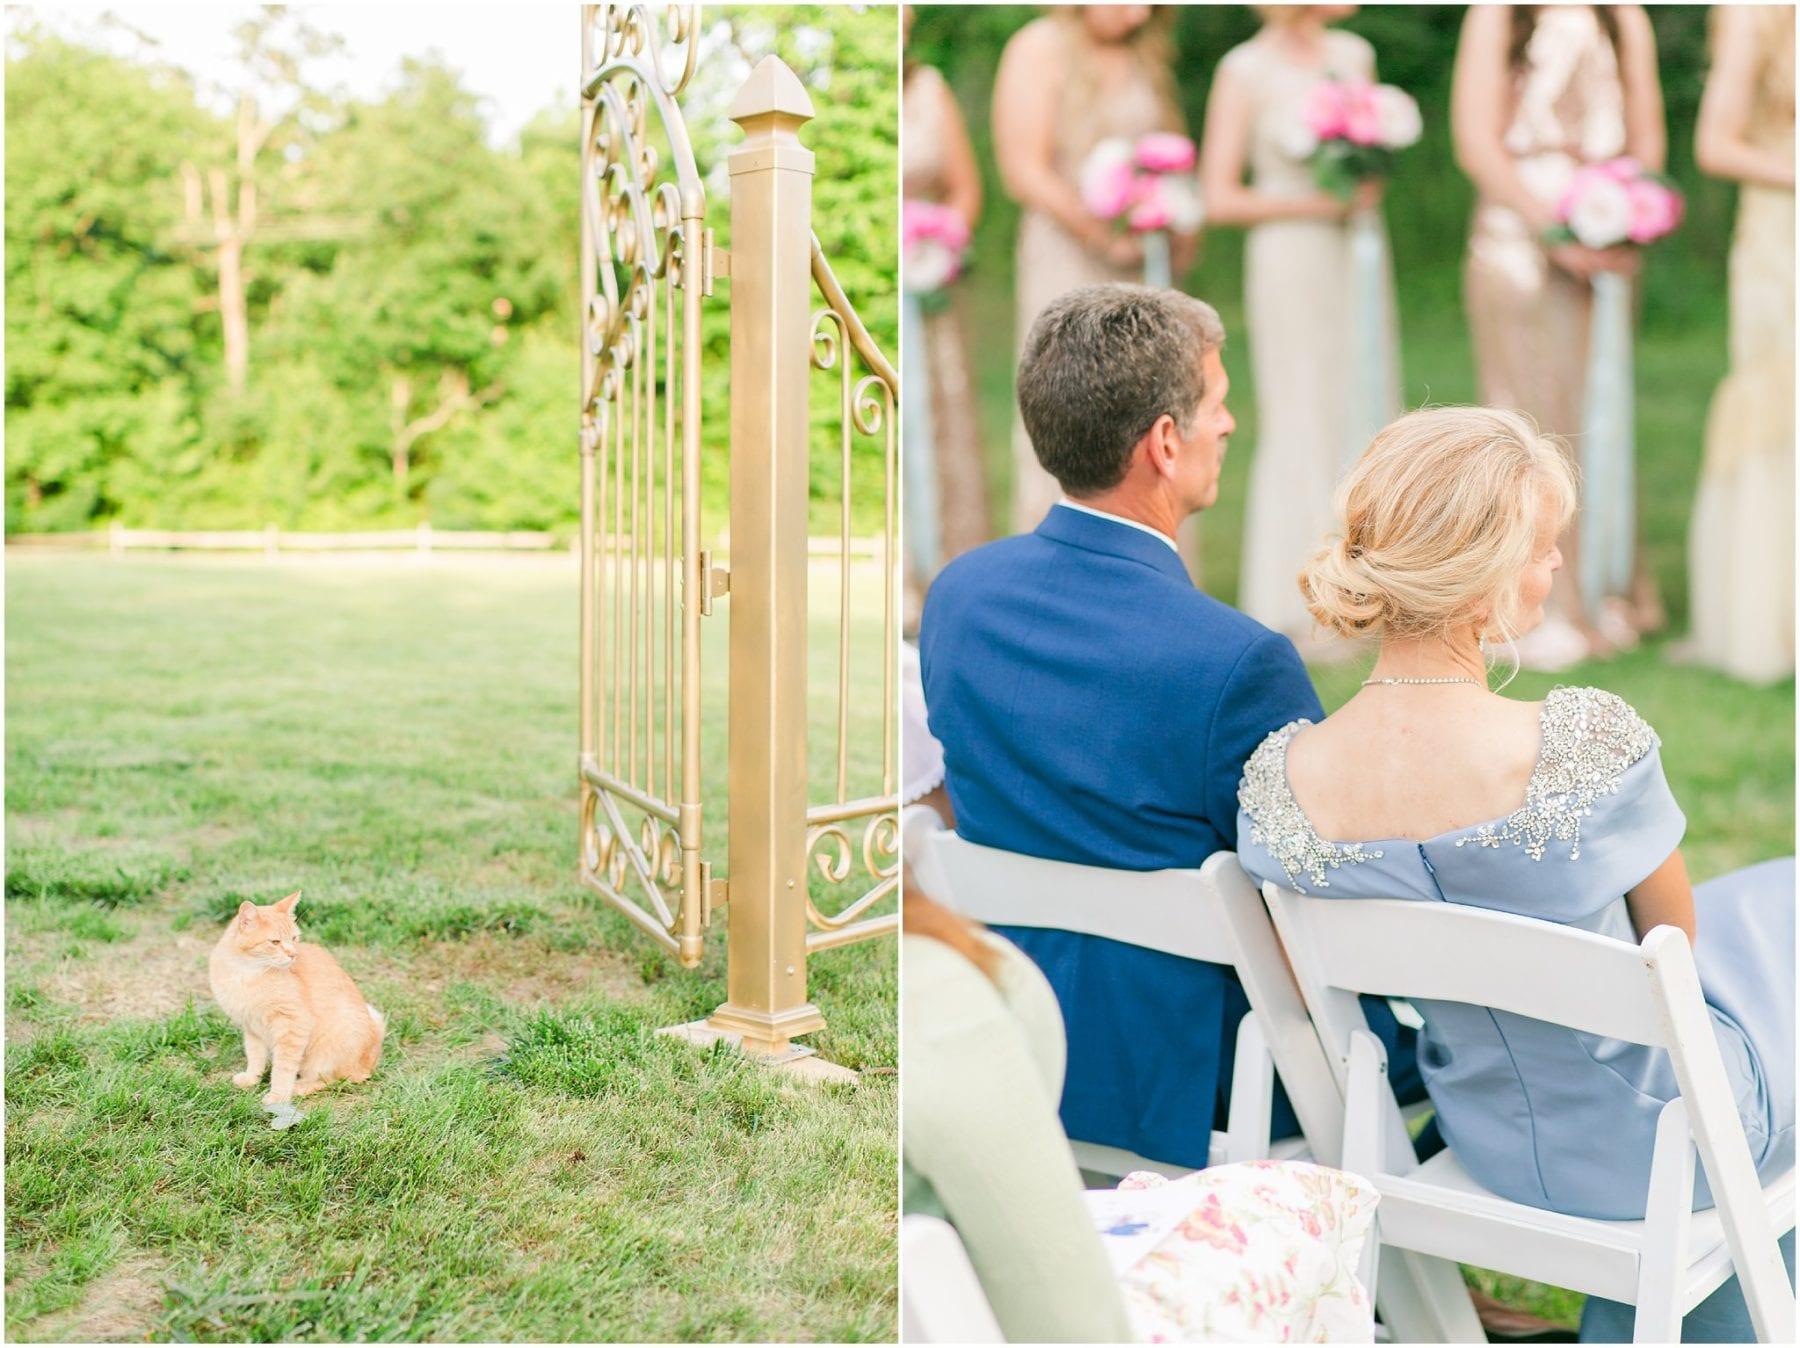 Maryland Backyard Wedding Photos Kelly & Zach Megan Kelsey Photography-233.jpg